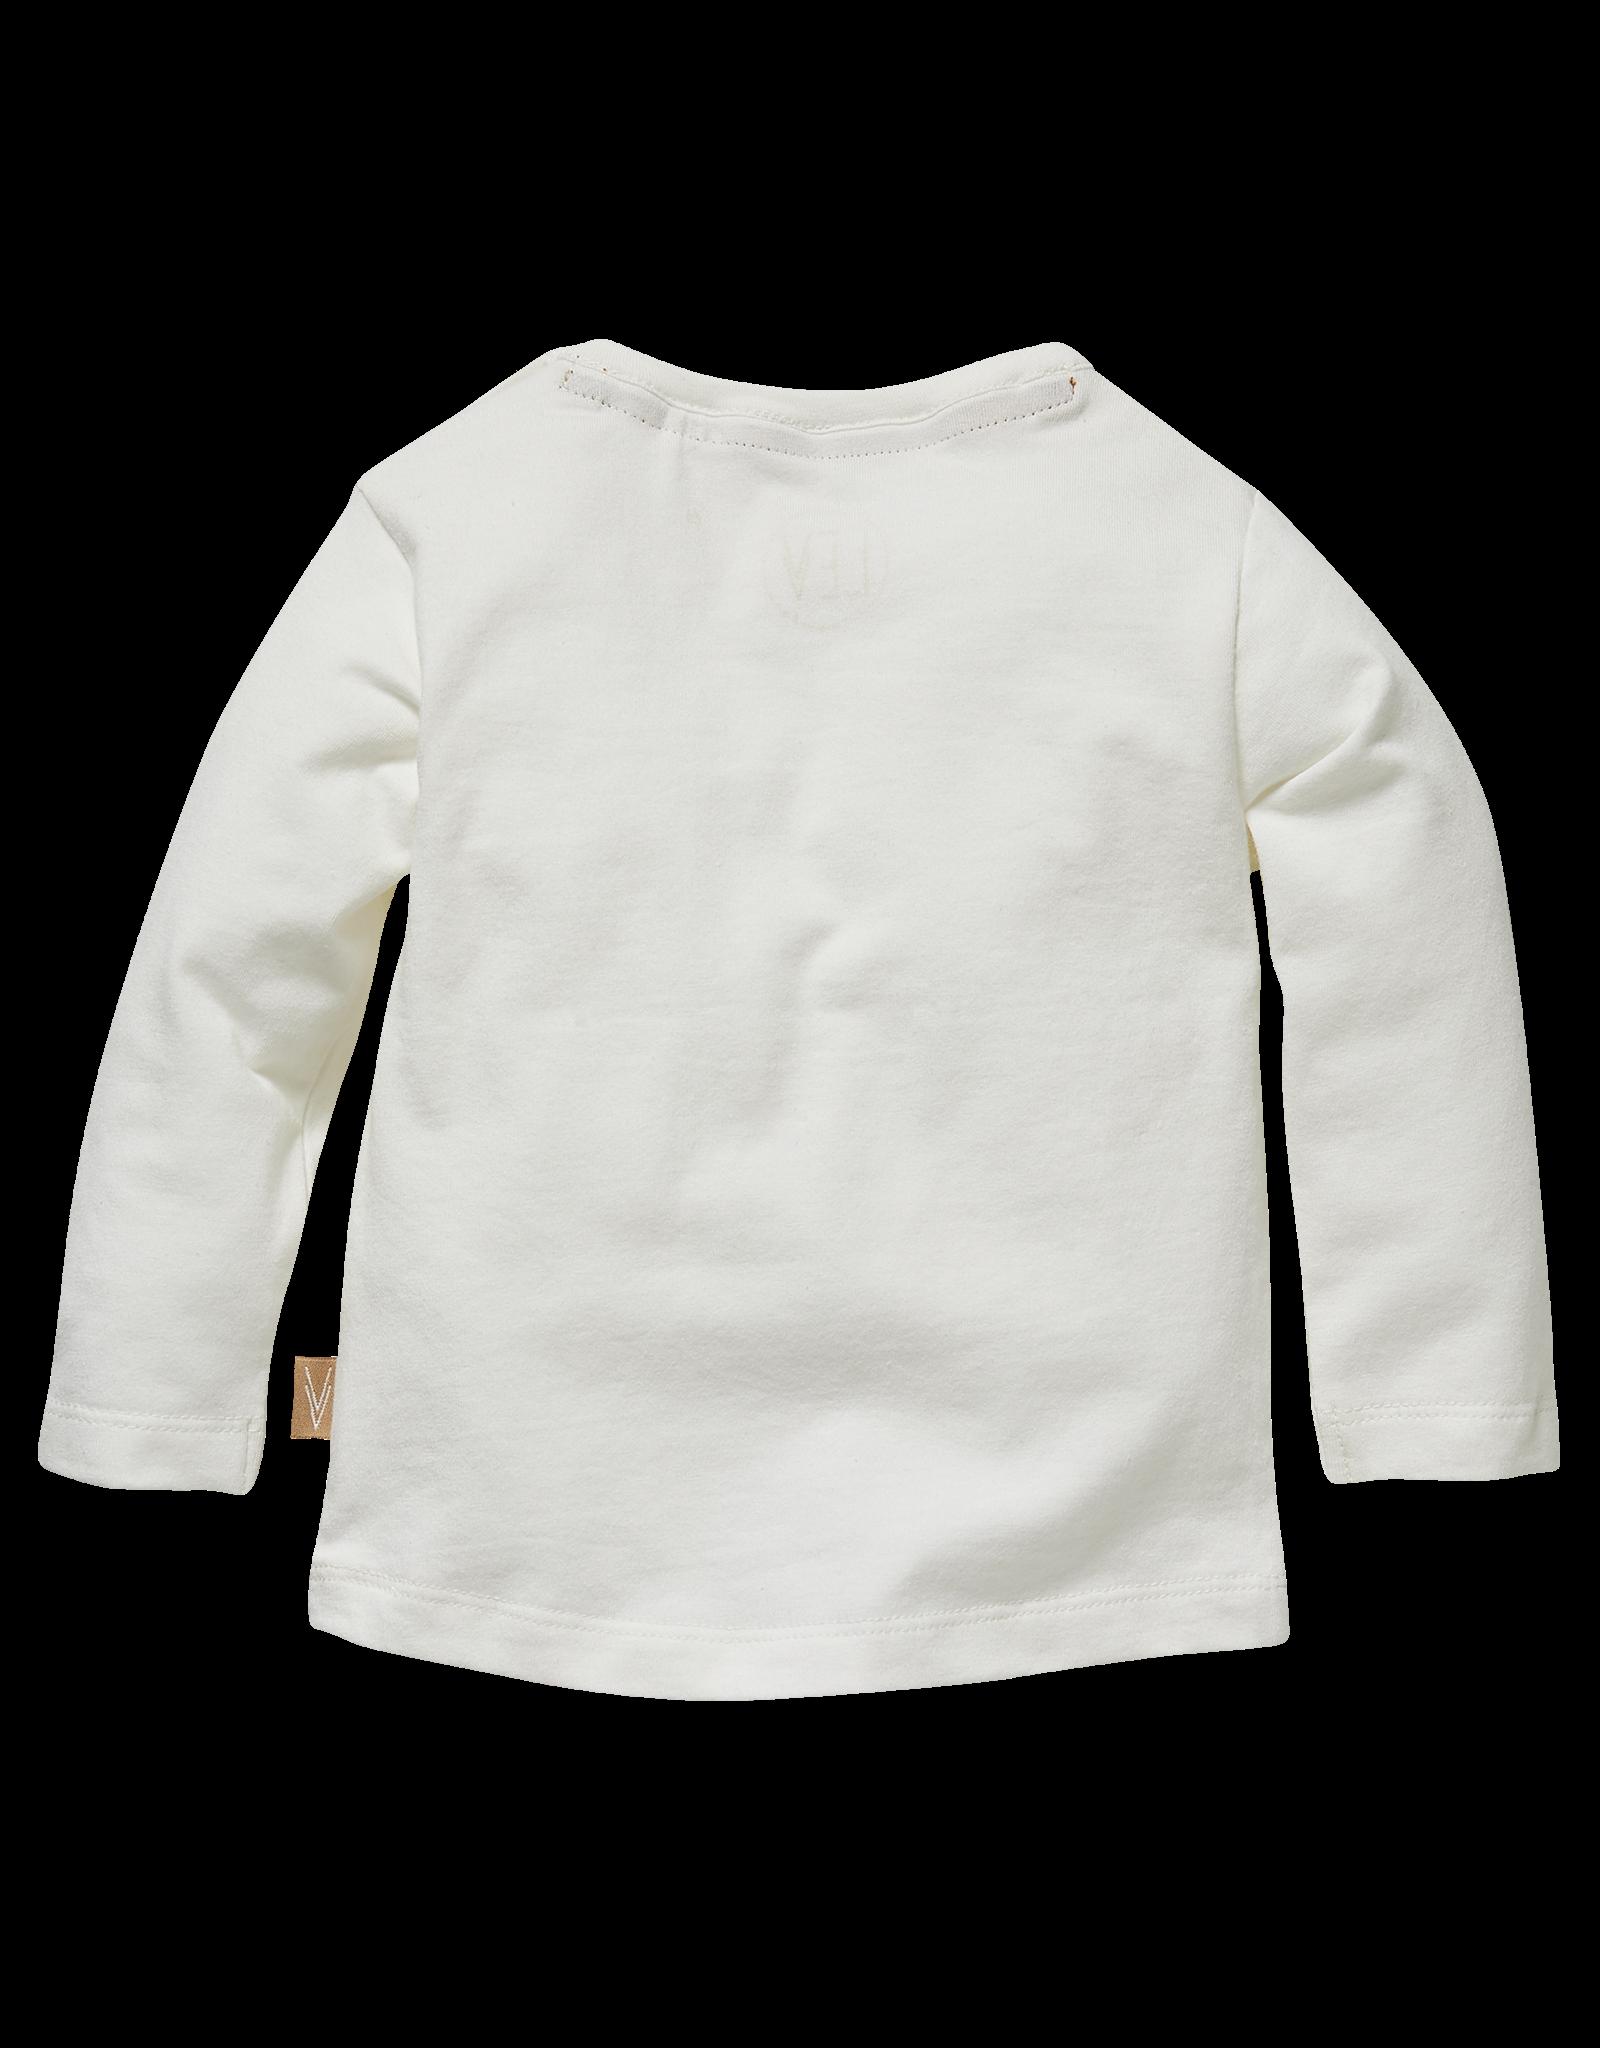 Levv LENNOX NB03 OFF WHITE